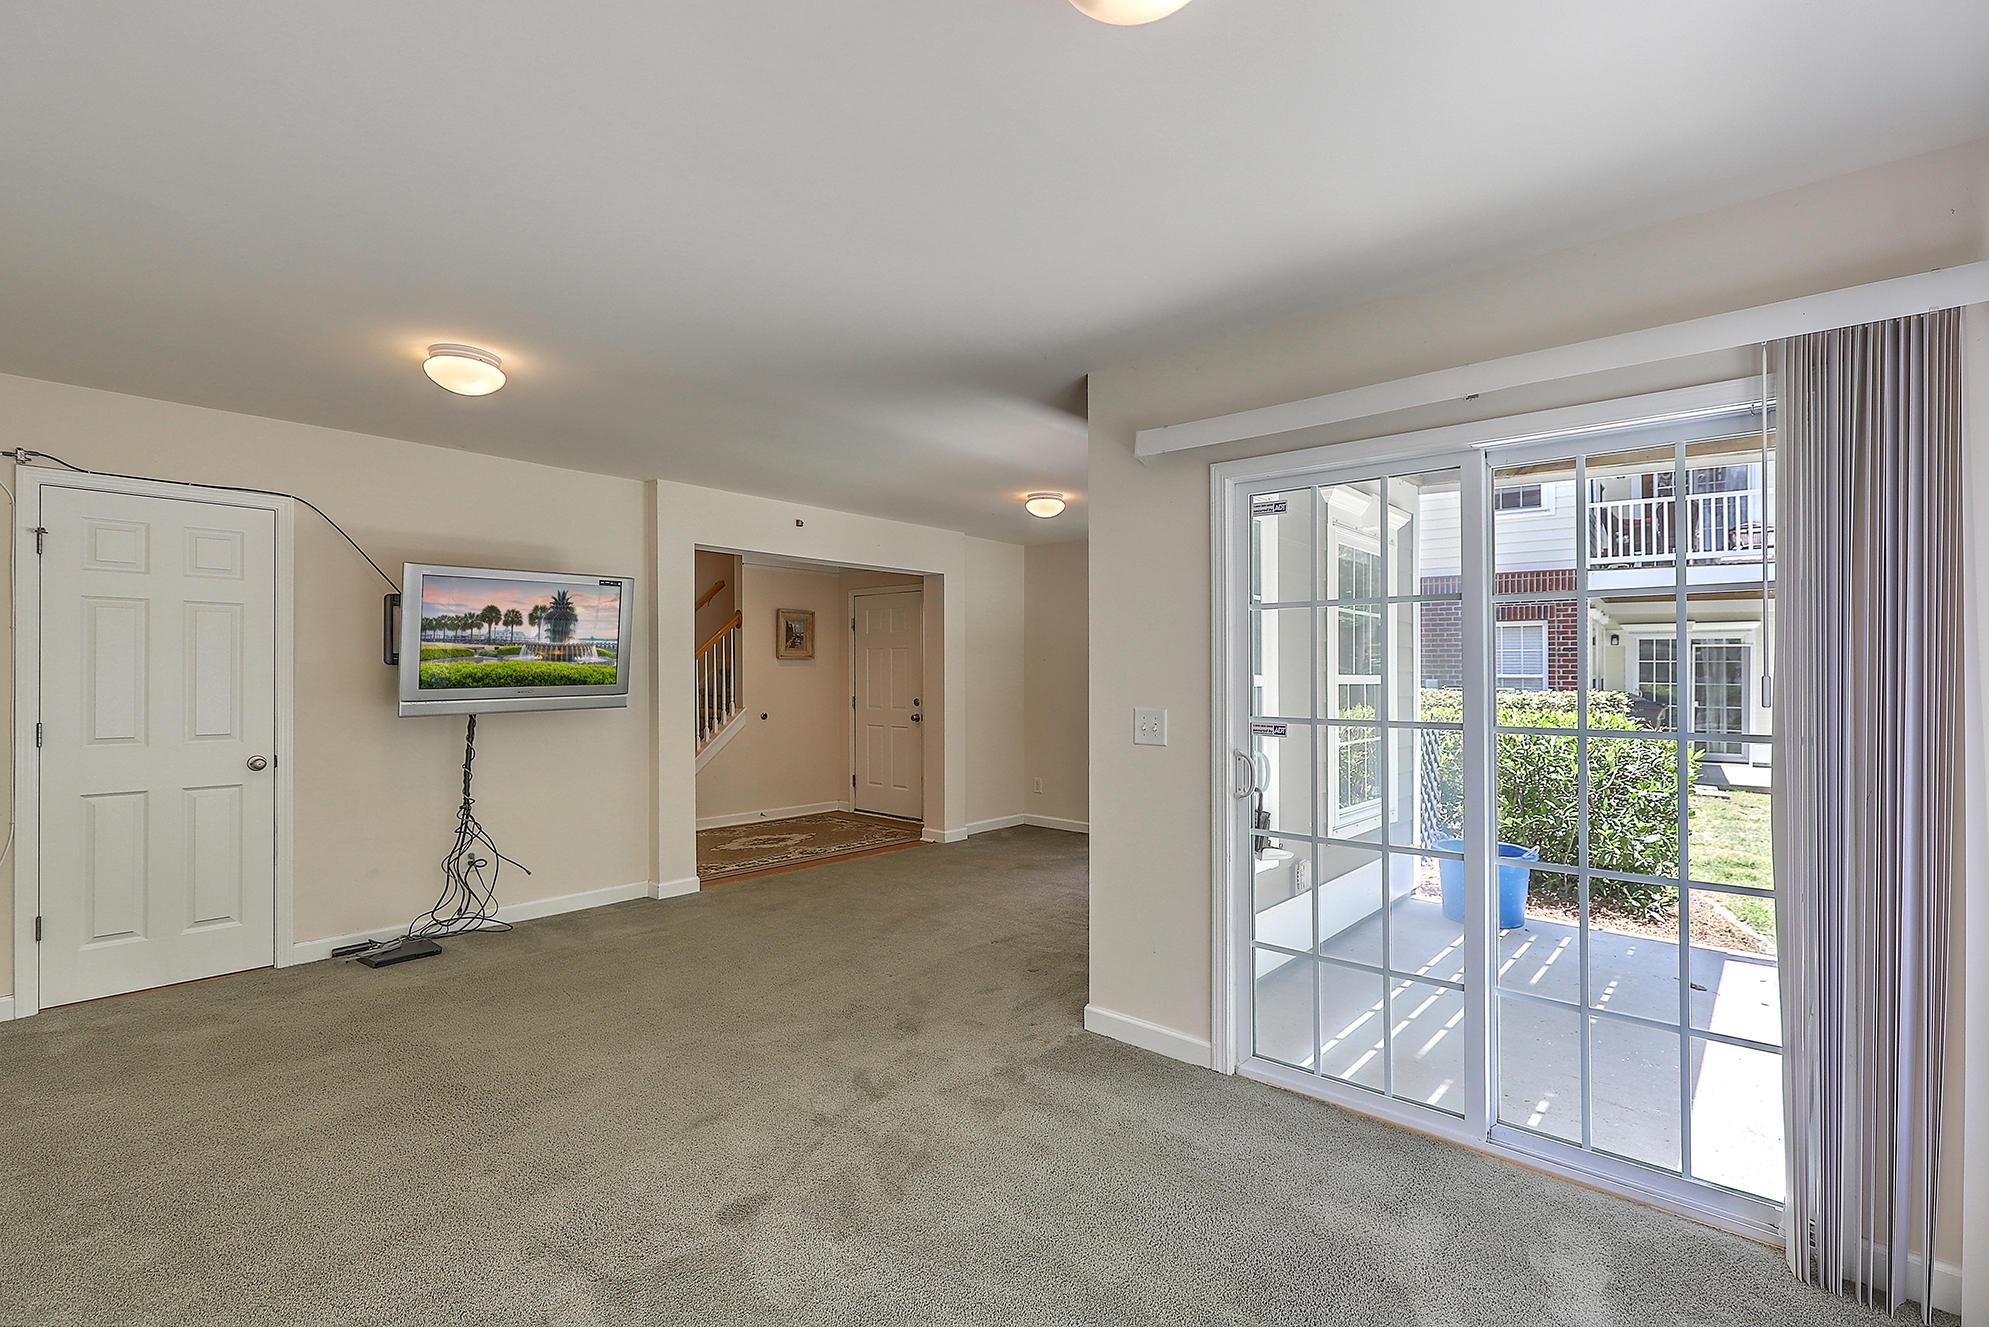 Kensington at Park West Homes For Sale - 3521 Claremont, Mount Pleasant, SC - 0